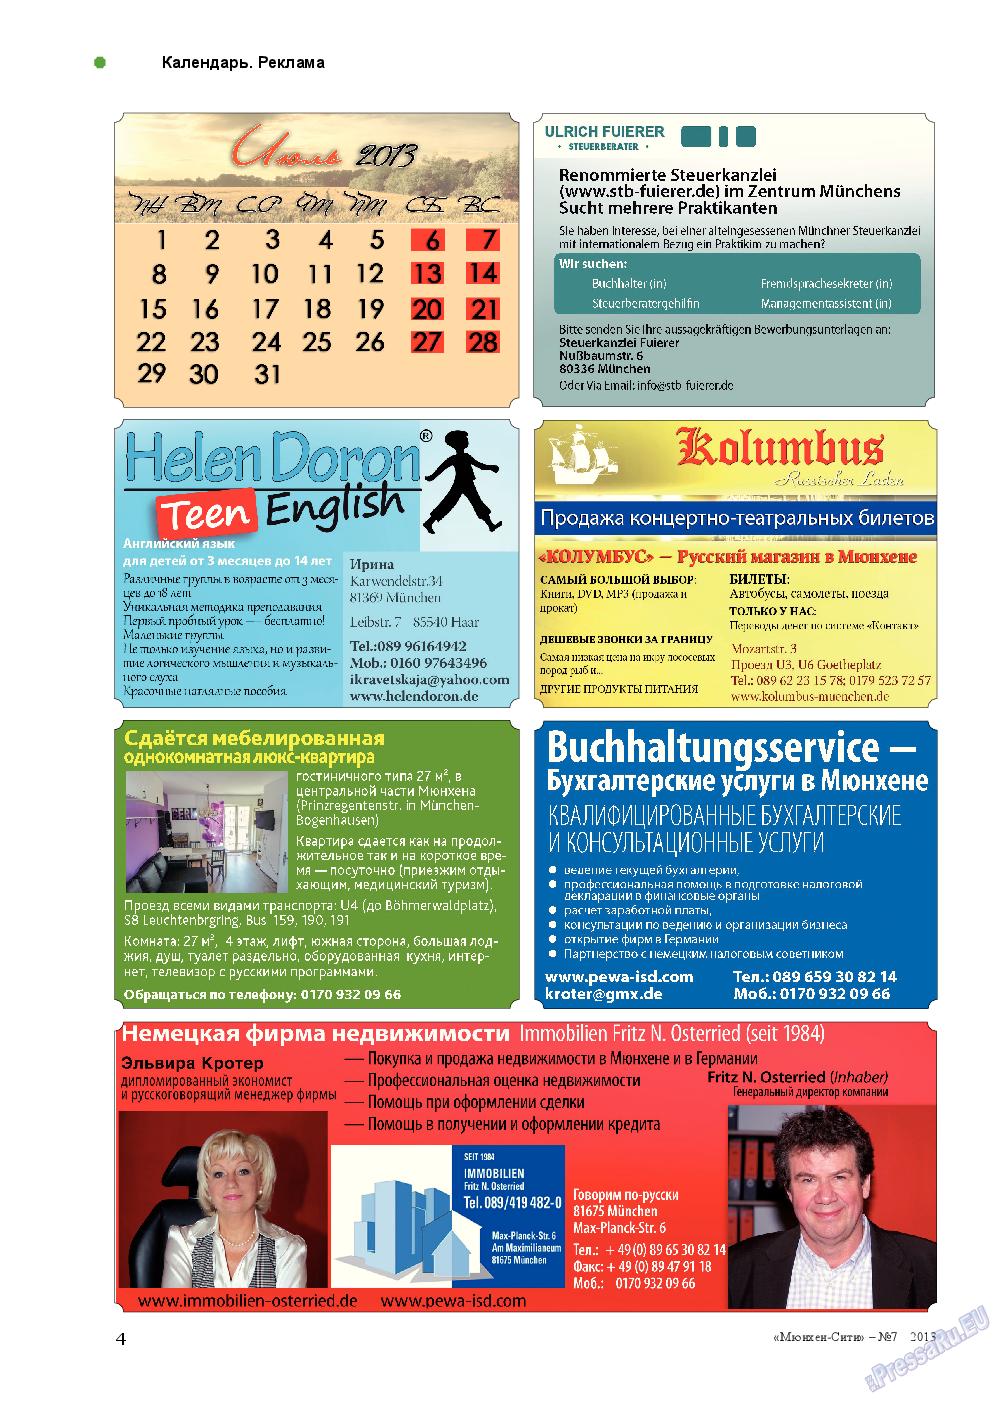 Мюнхен-сити (журнал). 2013 год, номер 7, стр. 4